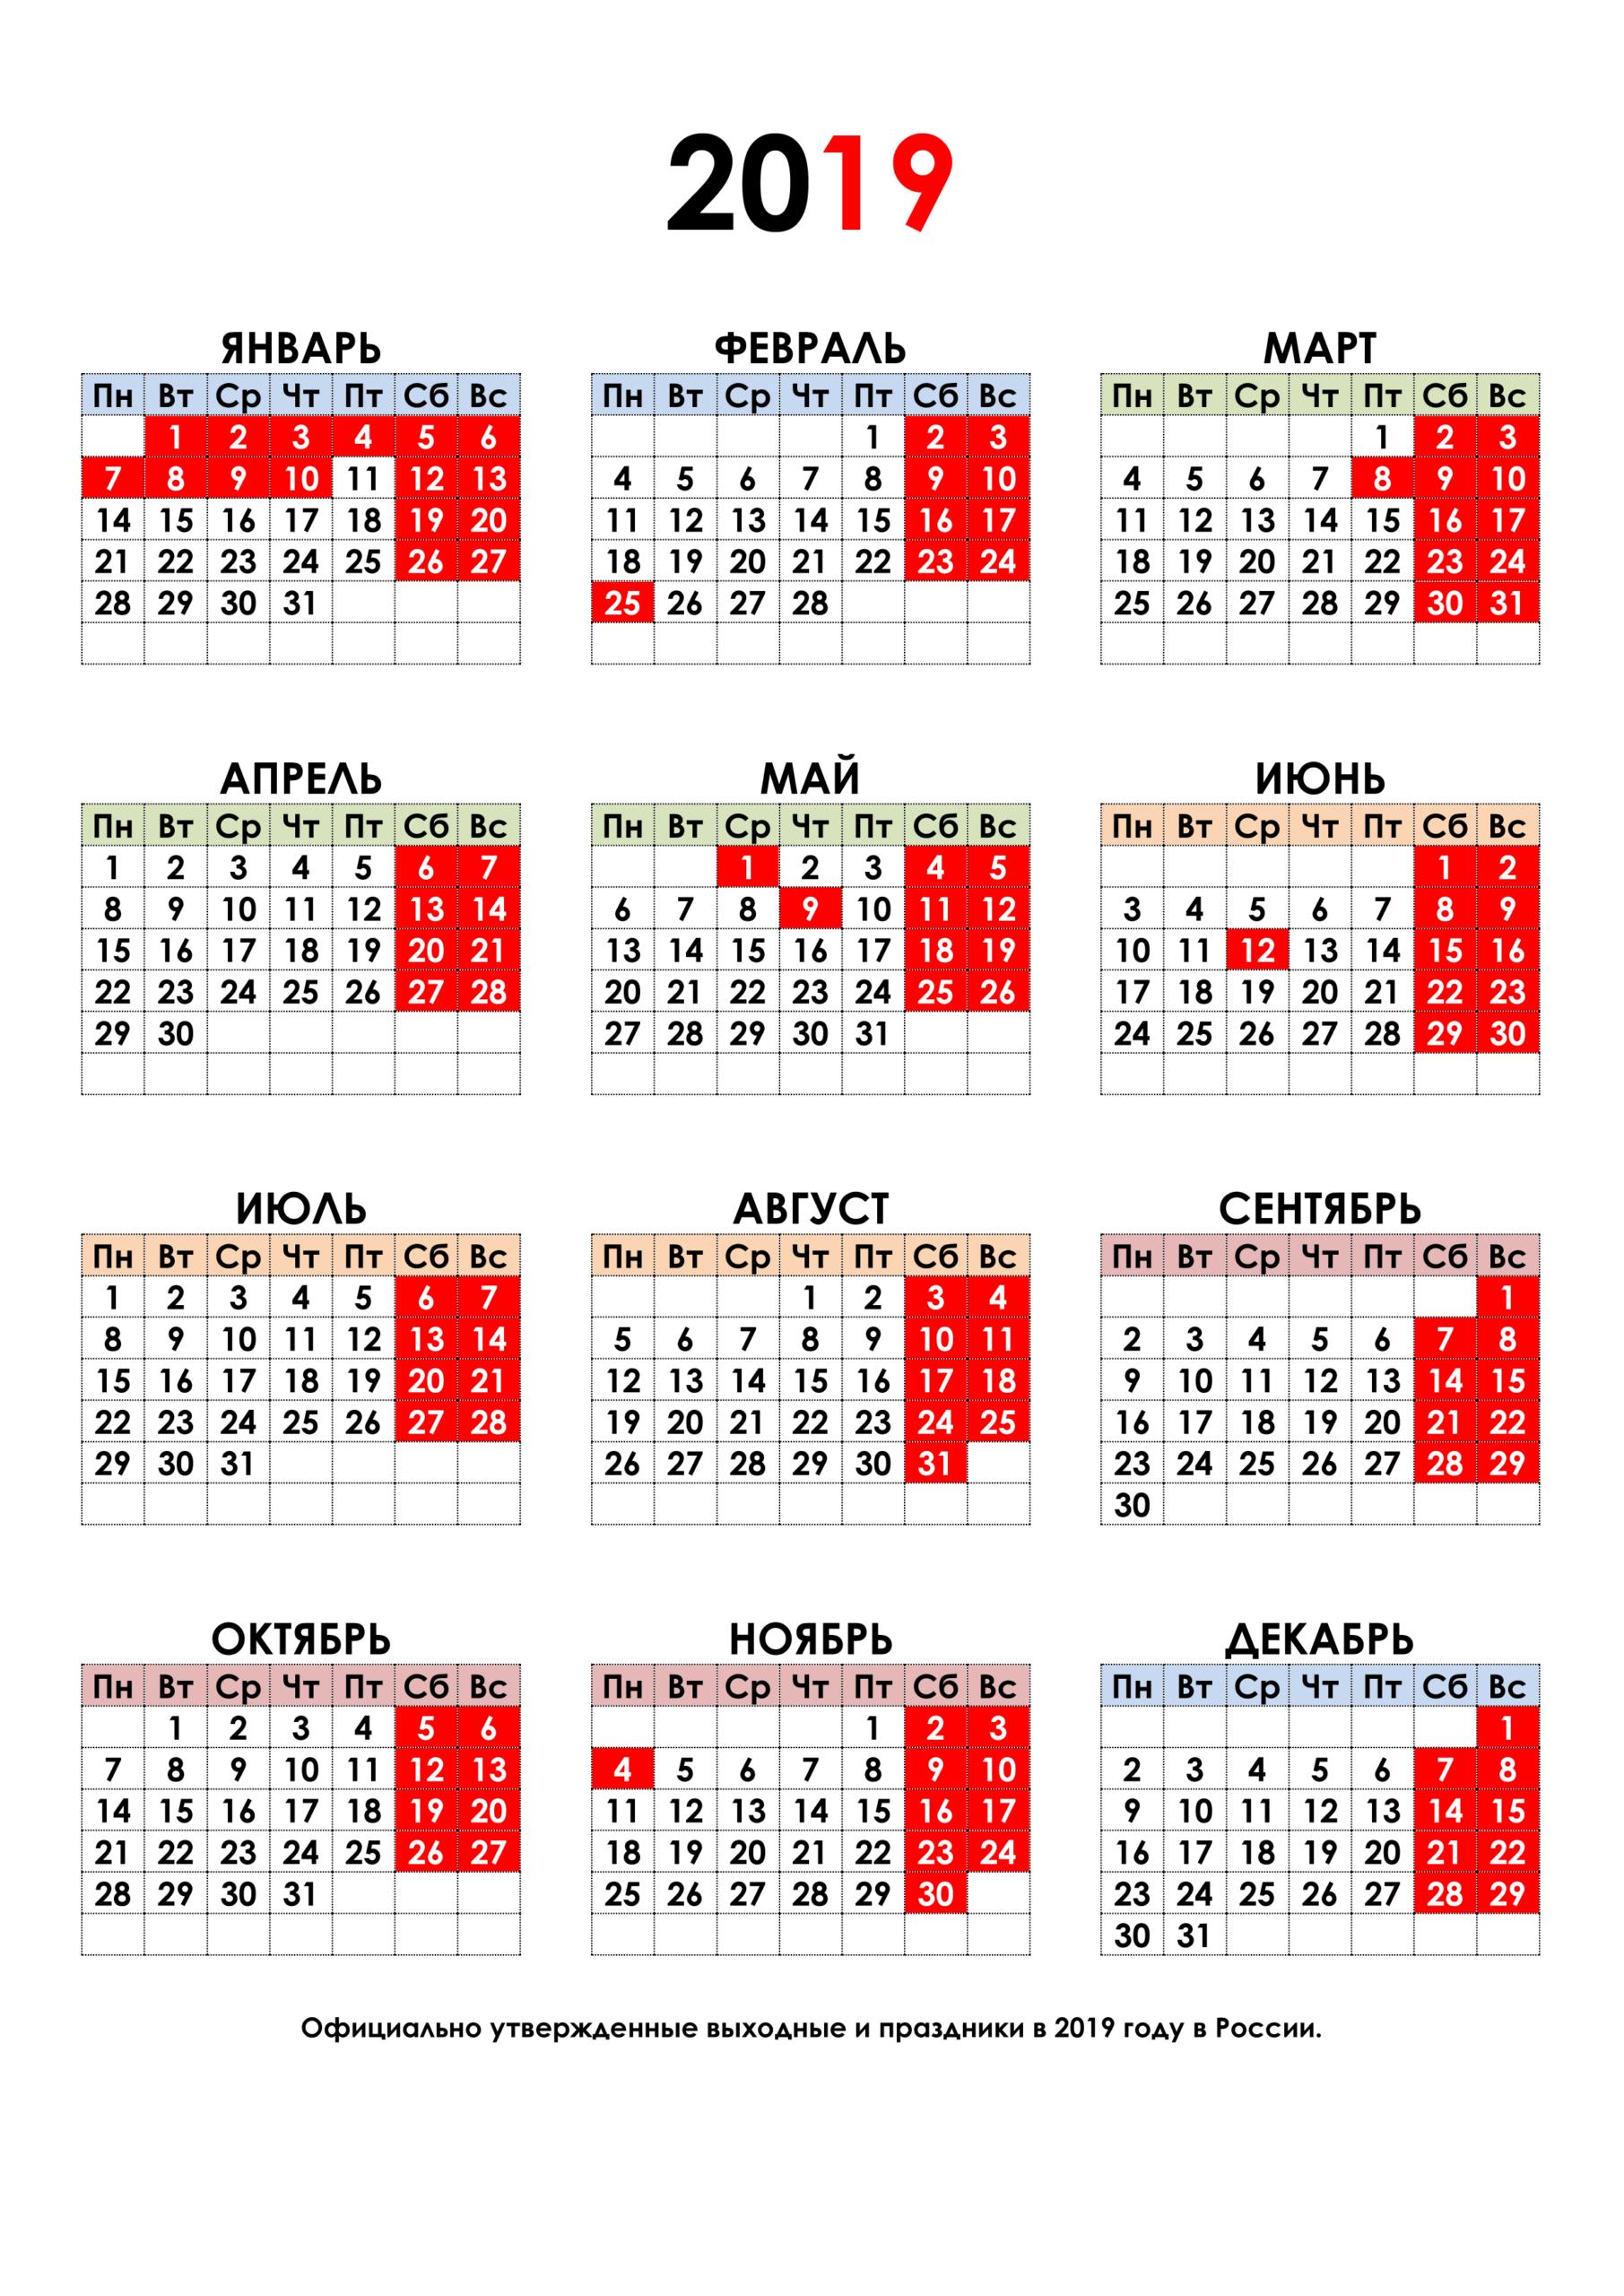 Календарь На 2019 Год С Праздниками — Godvgodu.ru